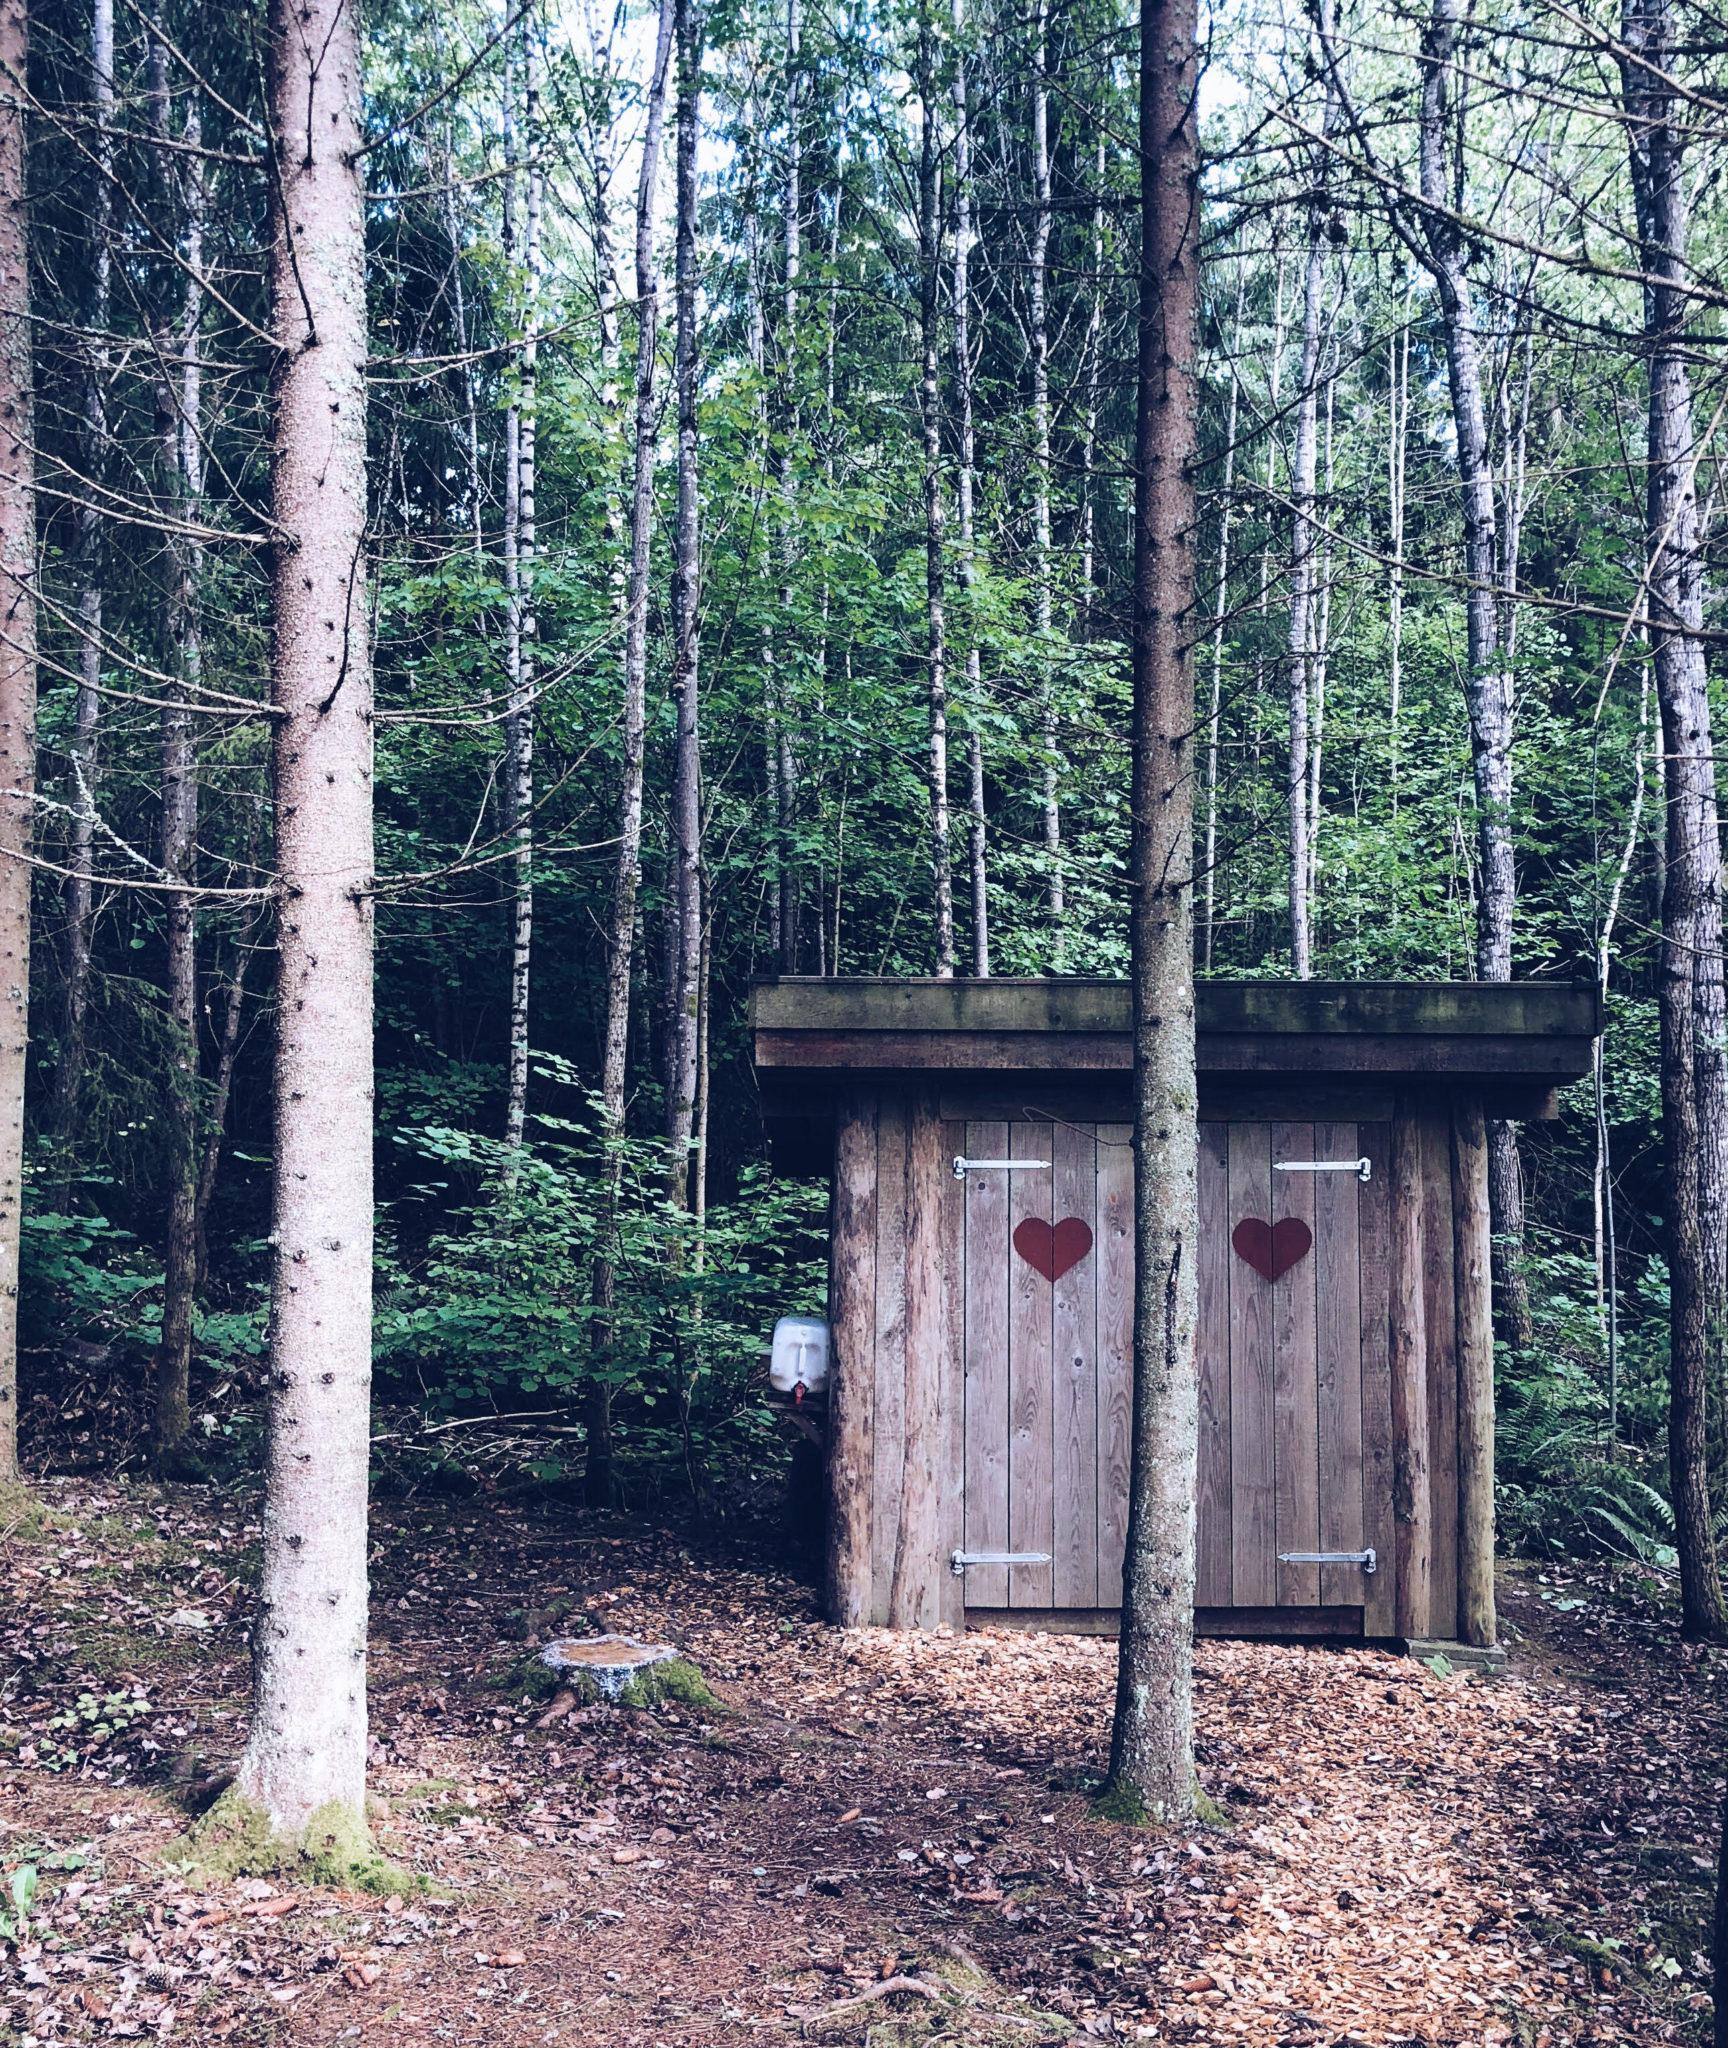 natur toilet i skoven